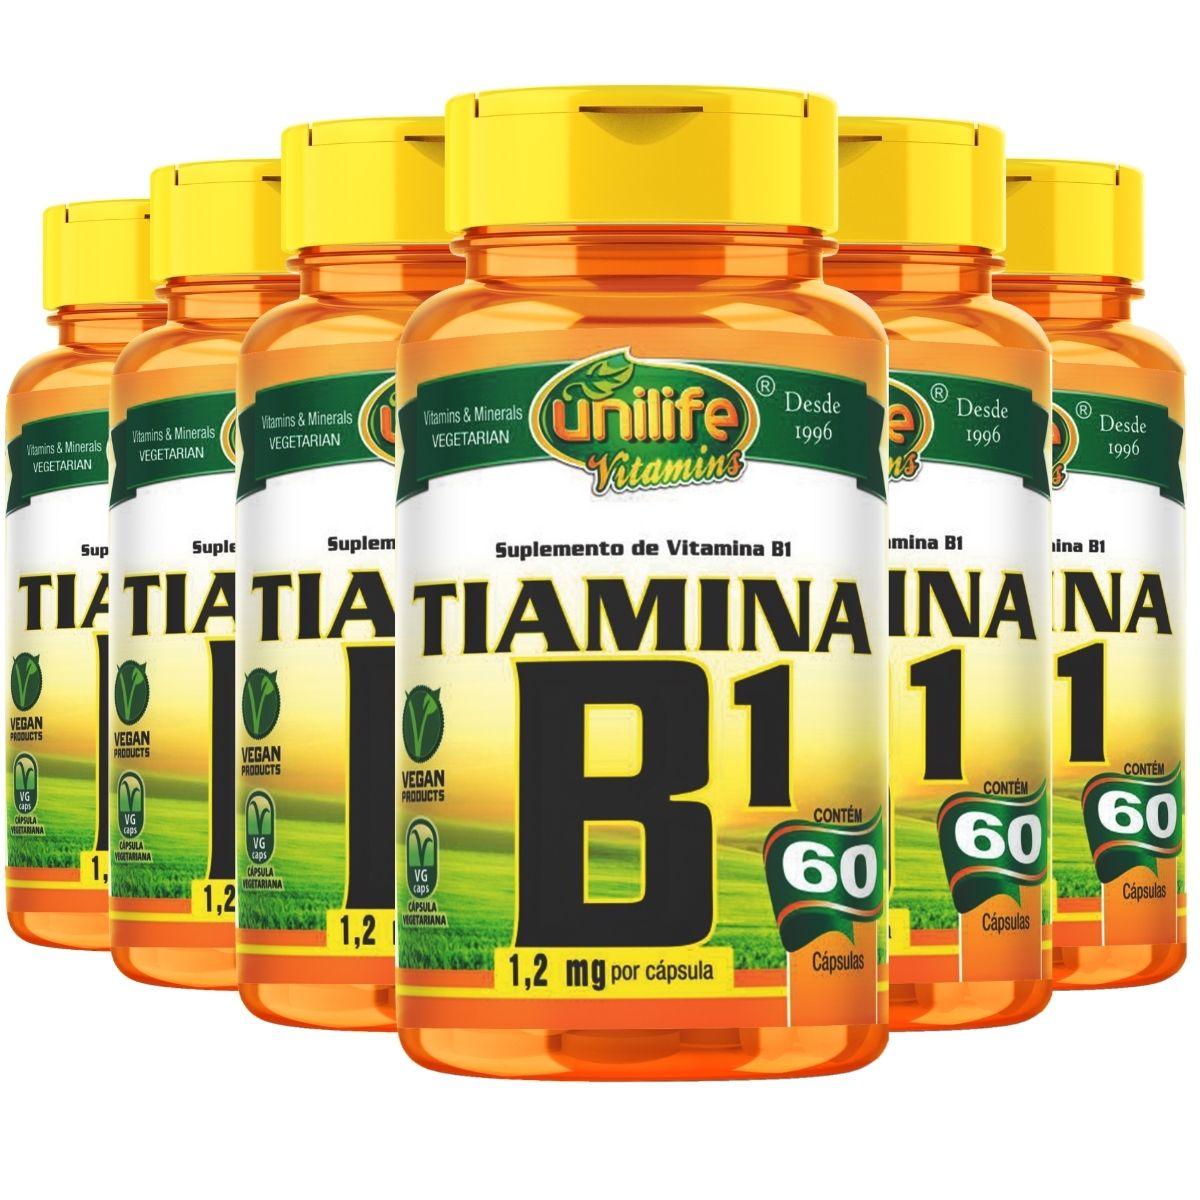 Kit 6 Vitamina B1 Tiamina 60 Cápsulas 500mg - Unilife